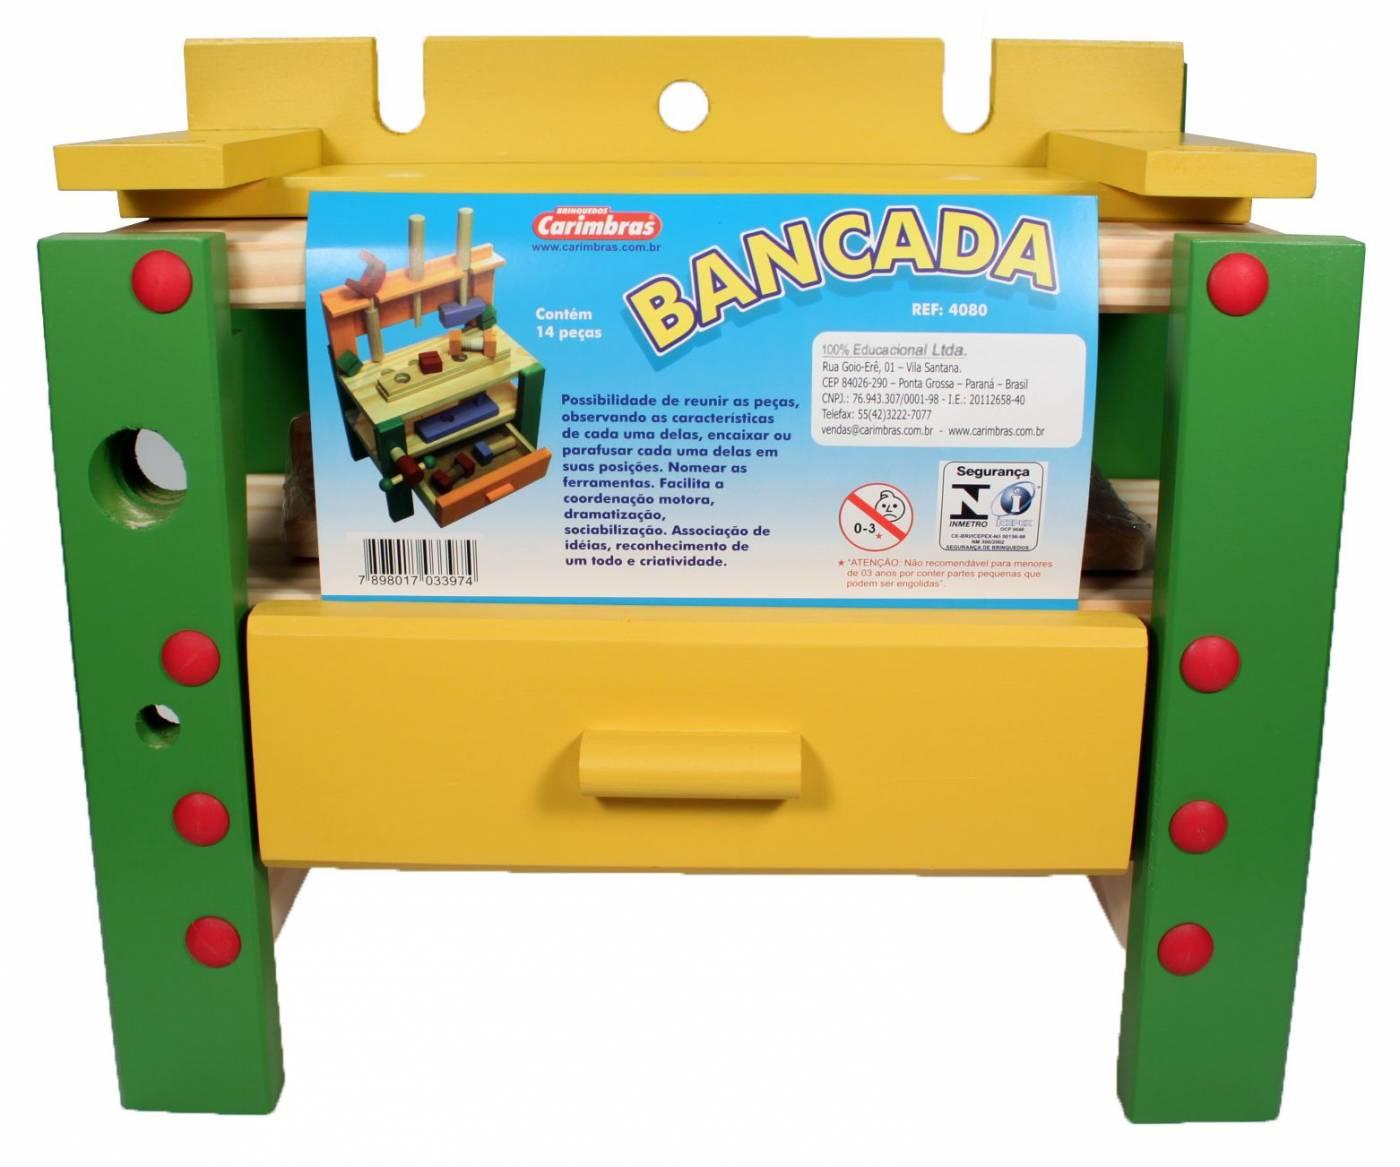 Bancada Carimbras Ref. 4080